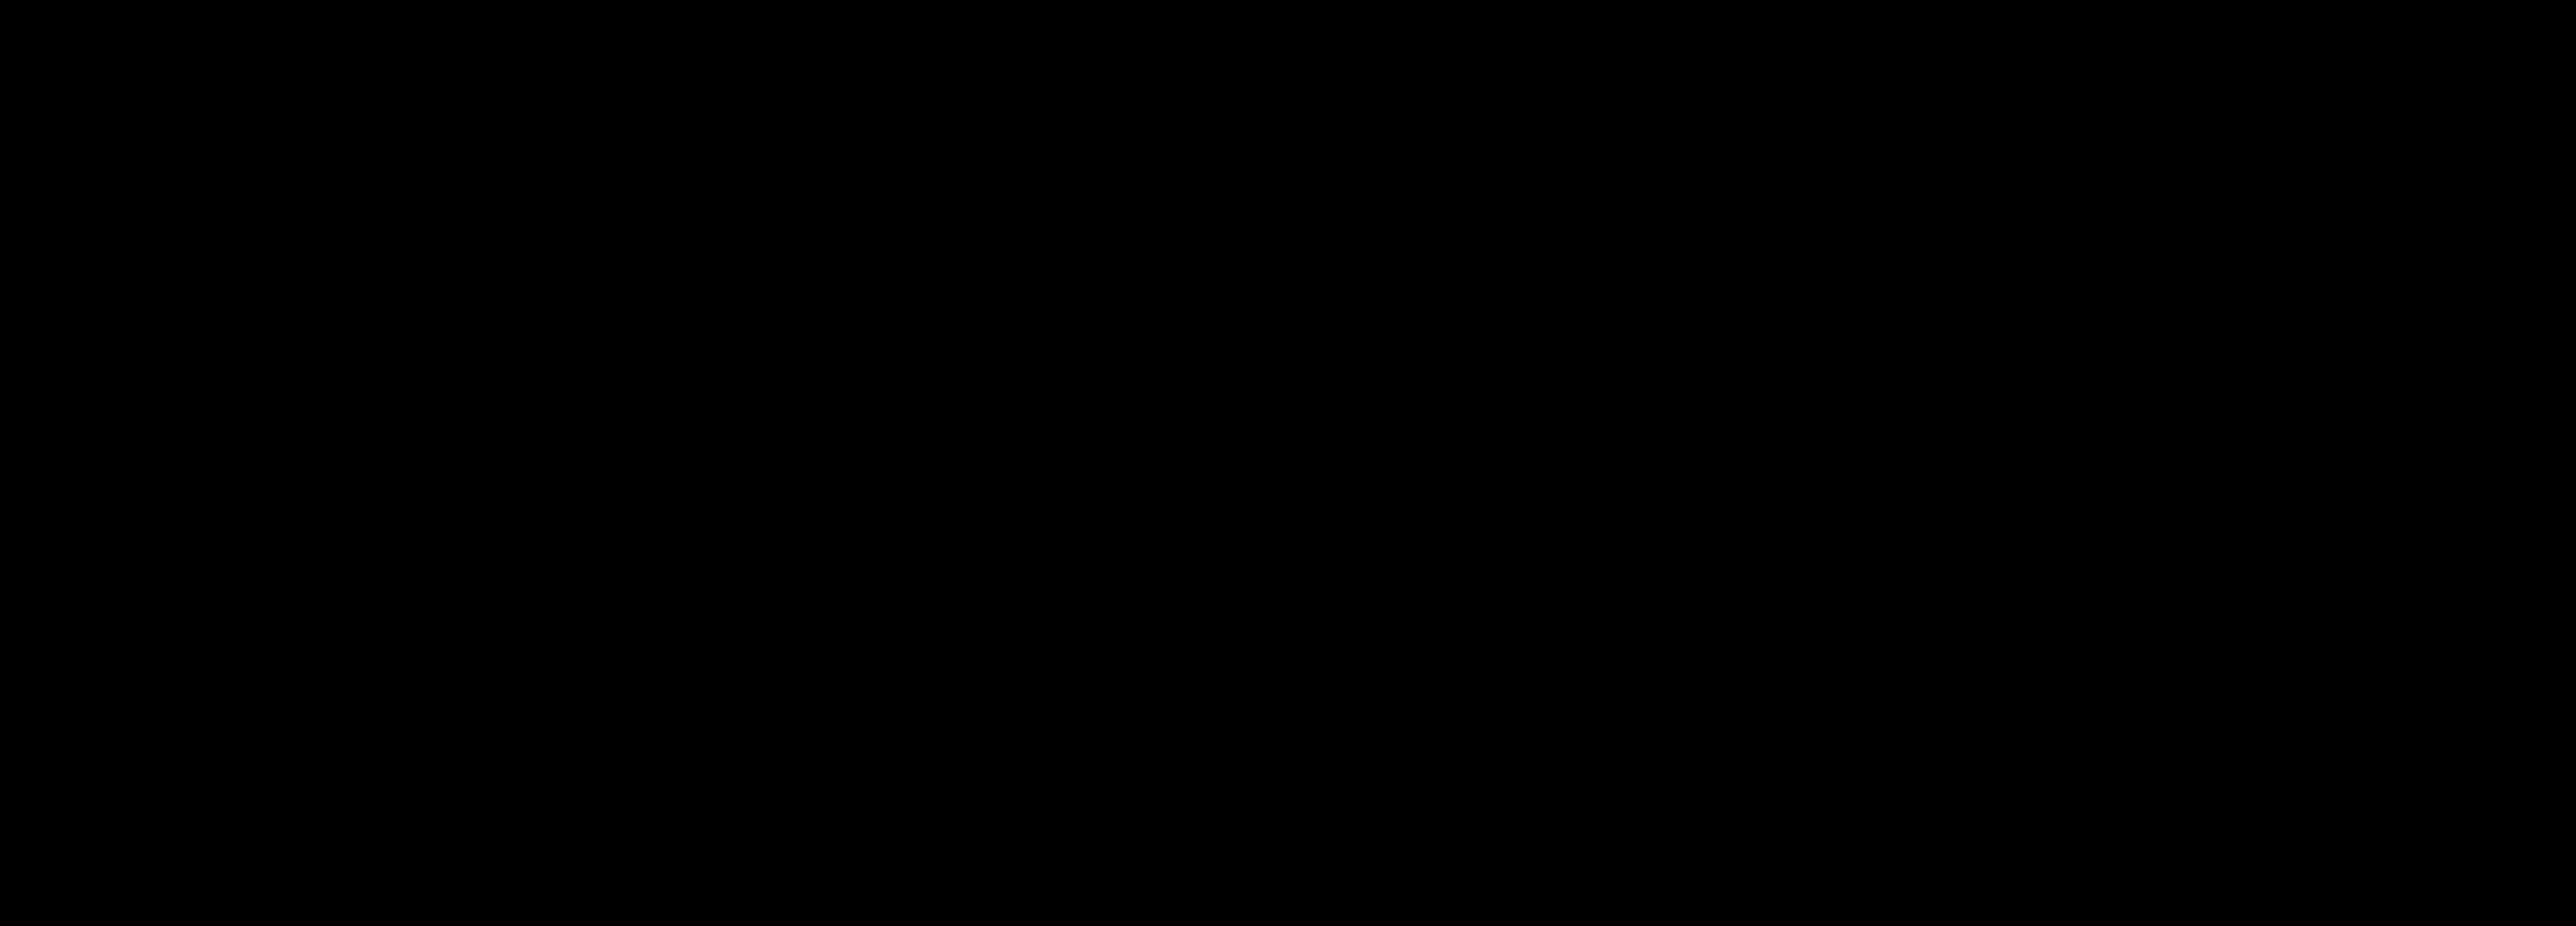 ADVFN Plc Logo